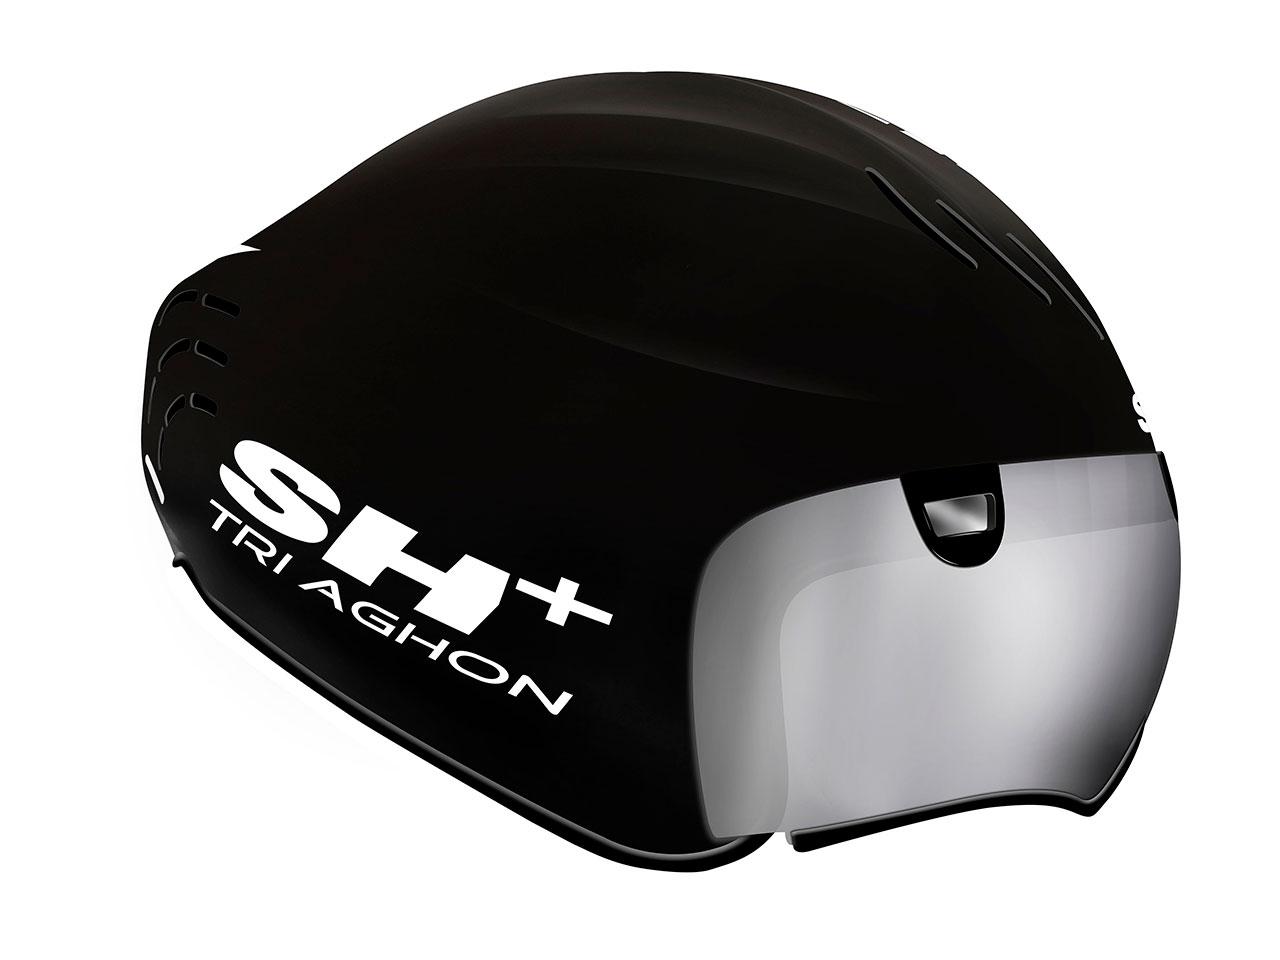 SH+ TRIAGHON (エスエイチプラス トライアゴン) ヘルメット 2018